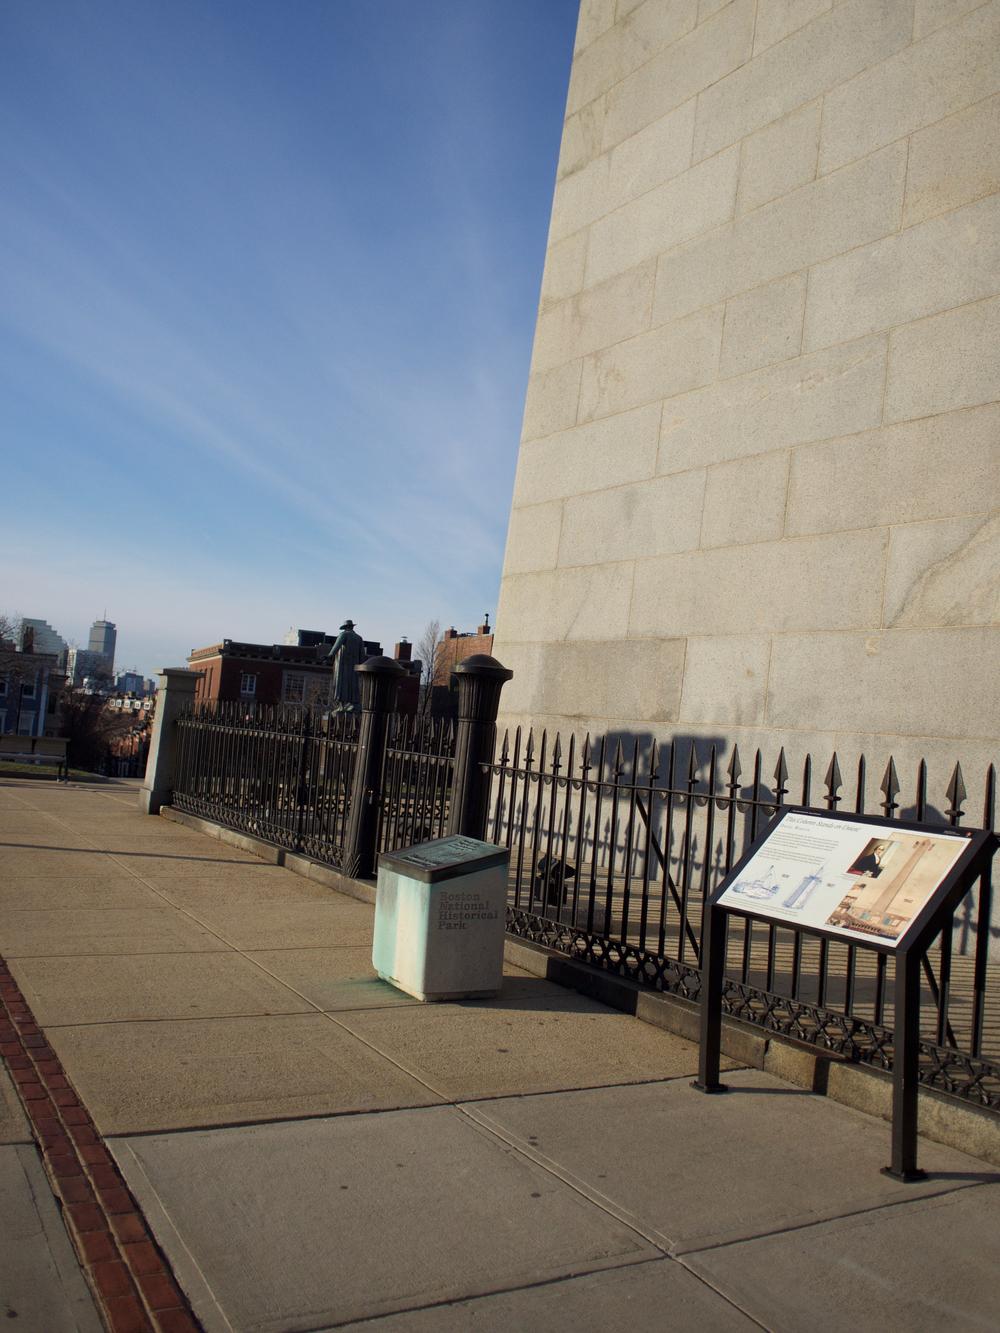 IRL Monument and Col. Prescott Statue